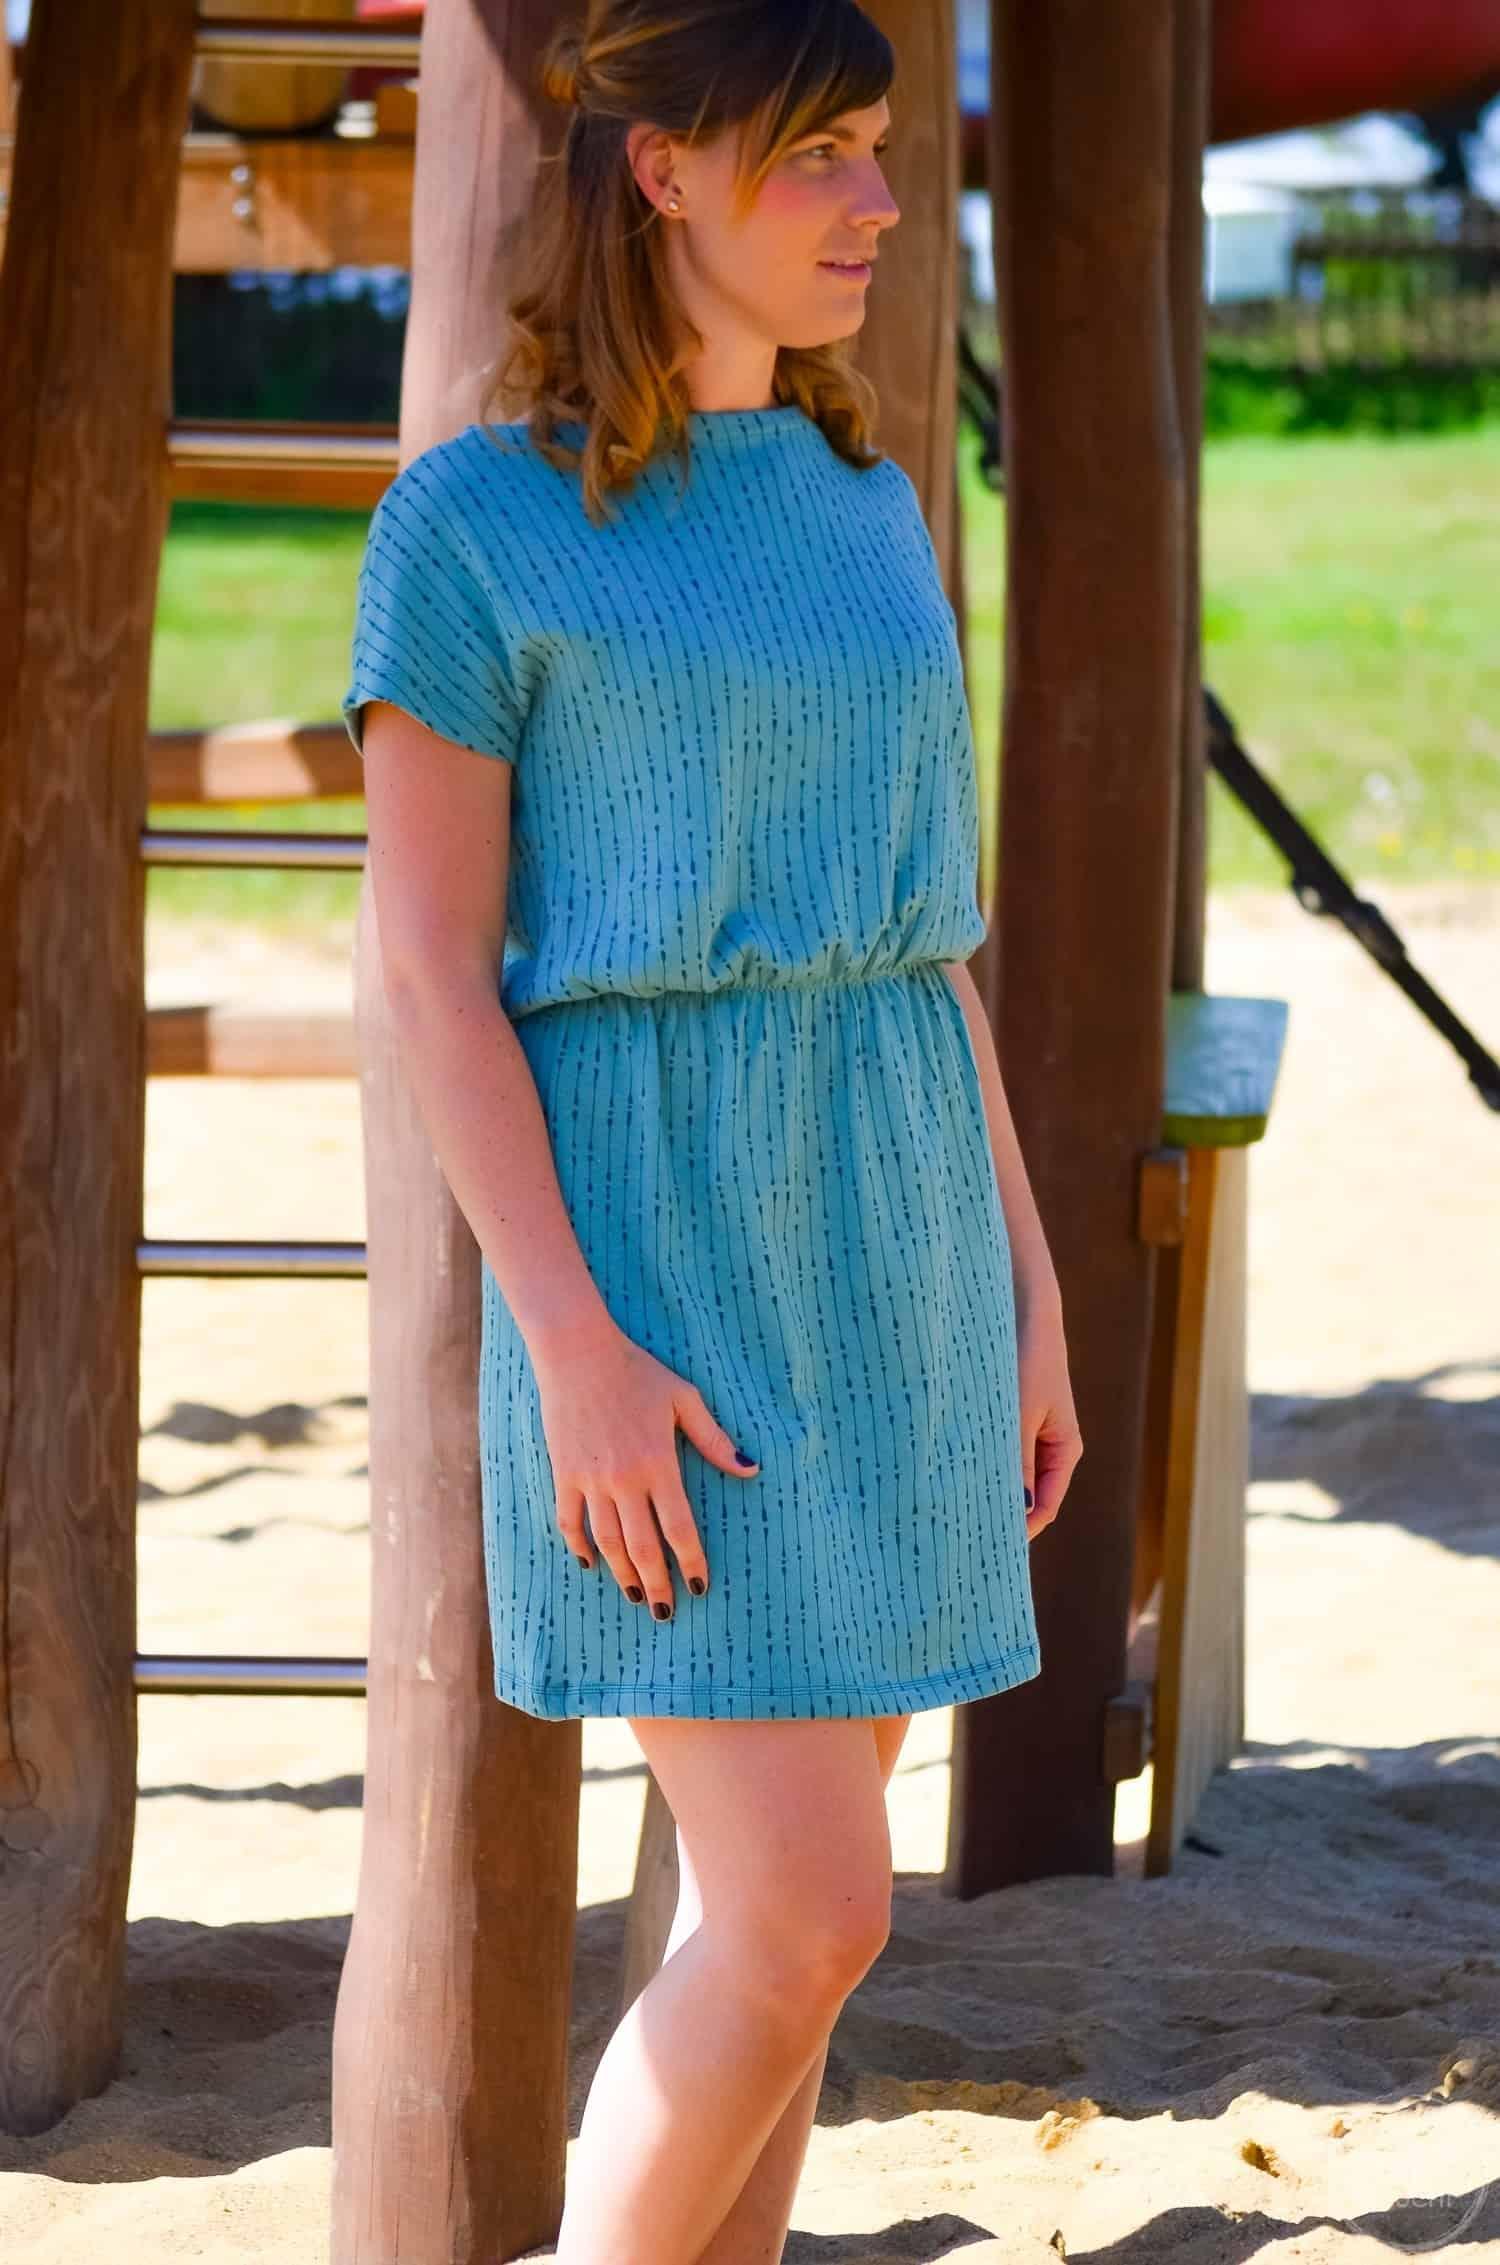 Schnittmuster Shirt Lilla: Kleid mit U-Boot Ausschnitt nähen - Bild 2 | textilsucht.de